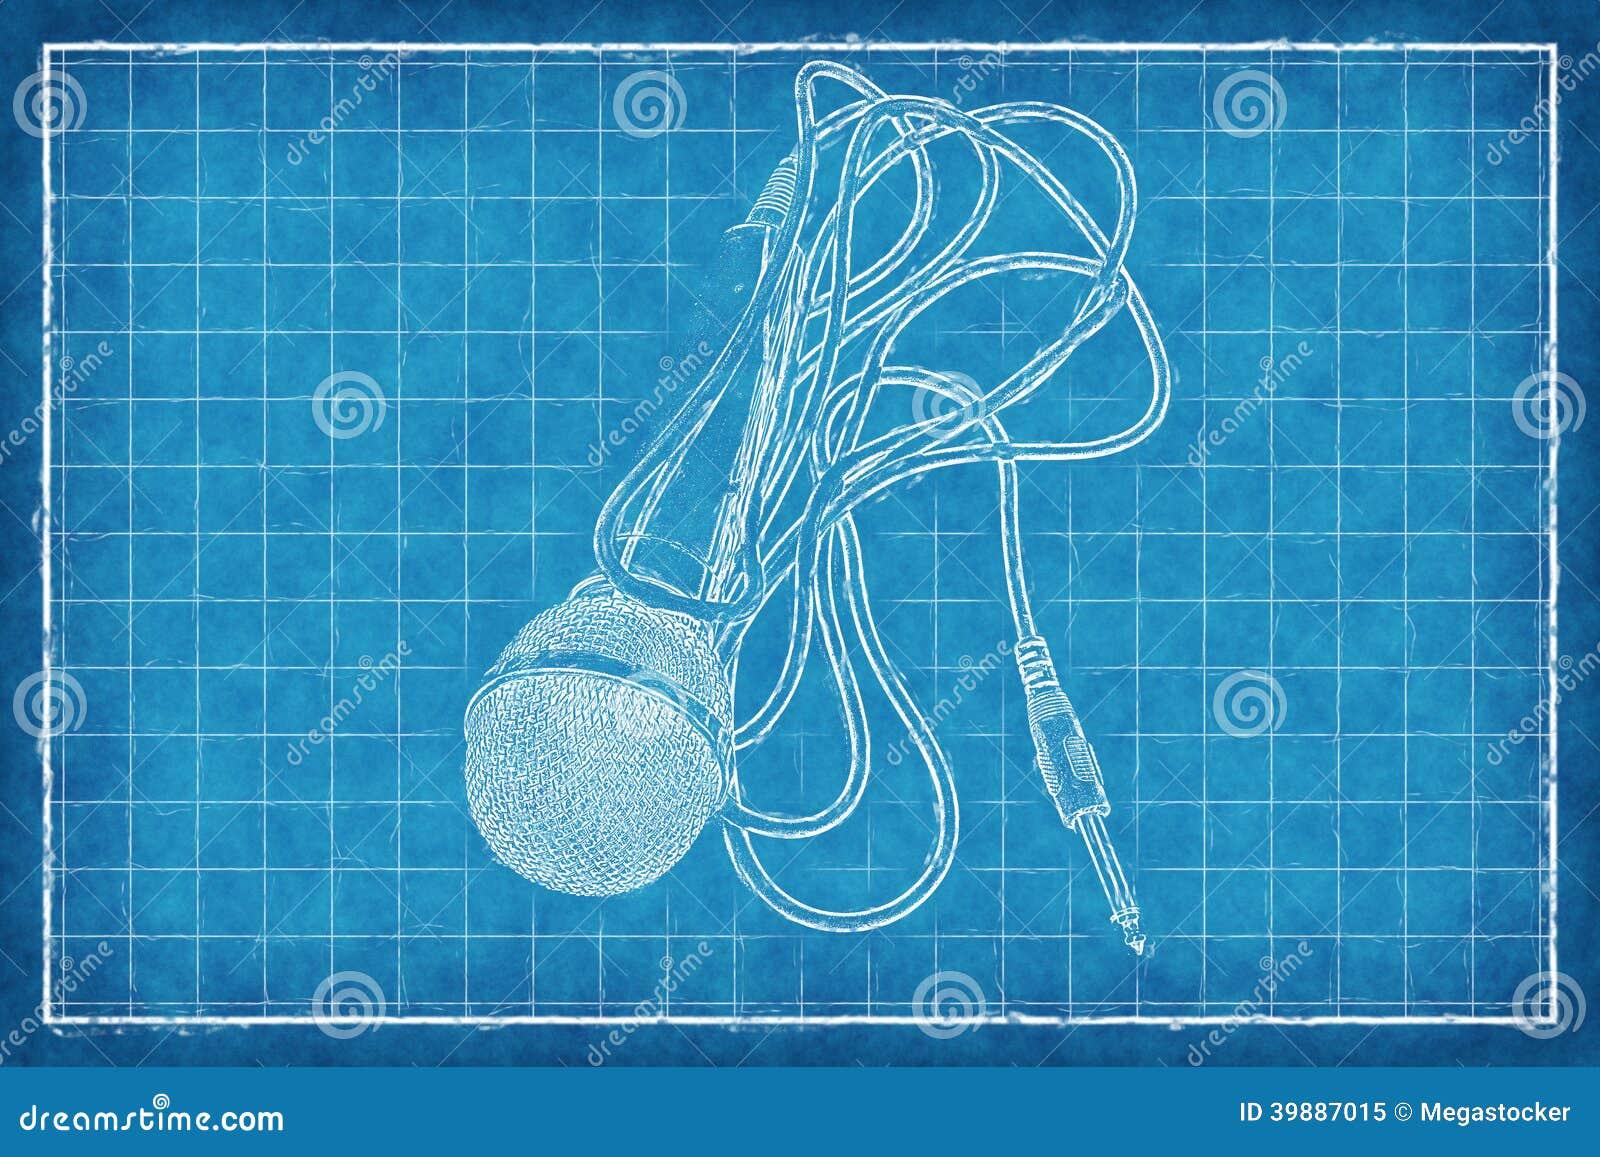 Mikrofon- Blaupause stock abbildung. Illustration von blau - 39887015